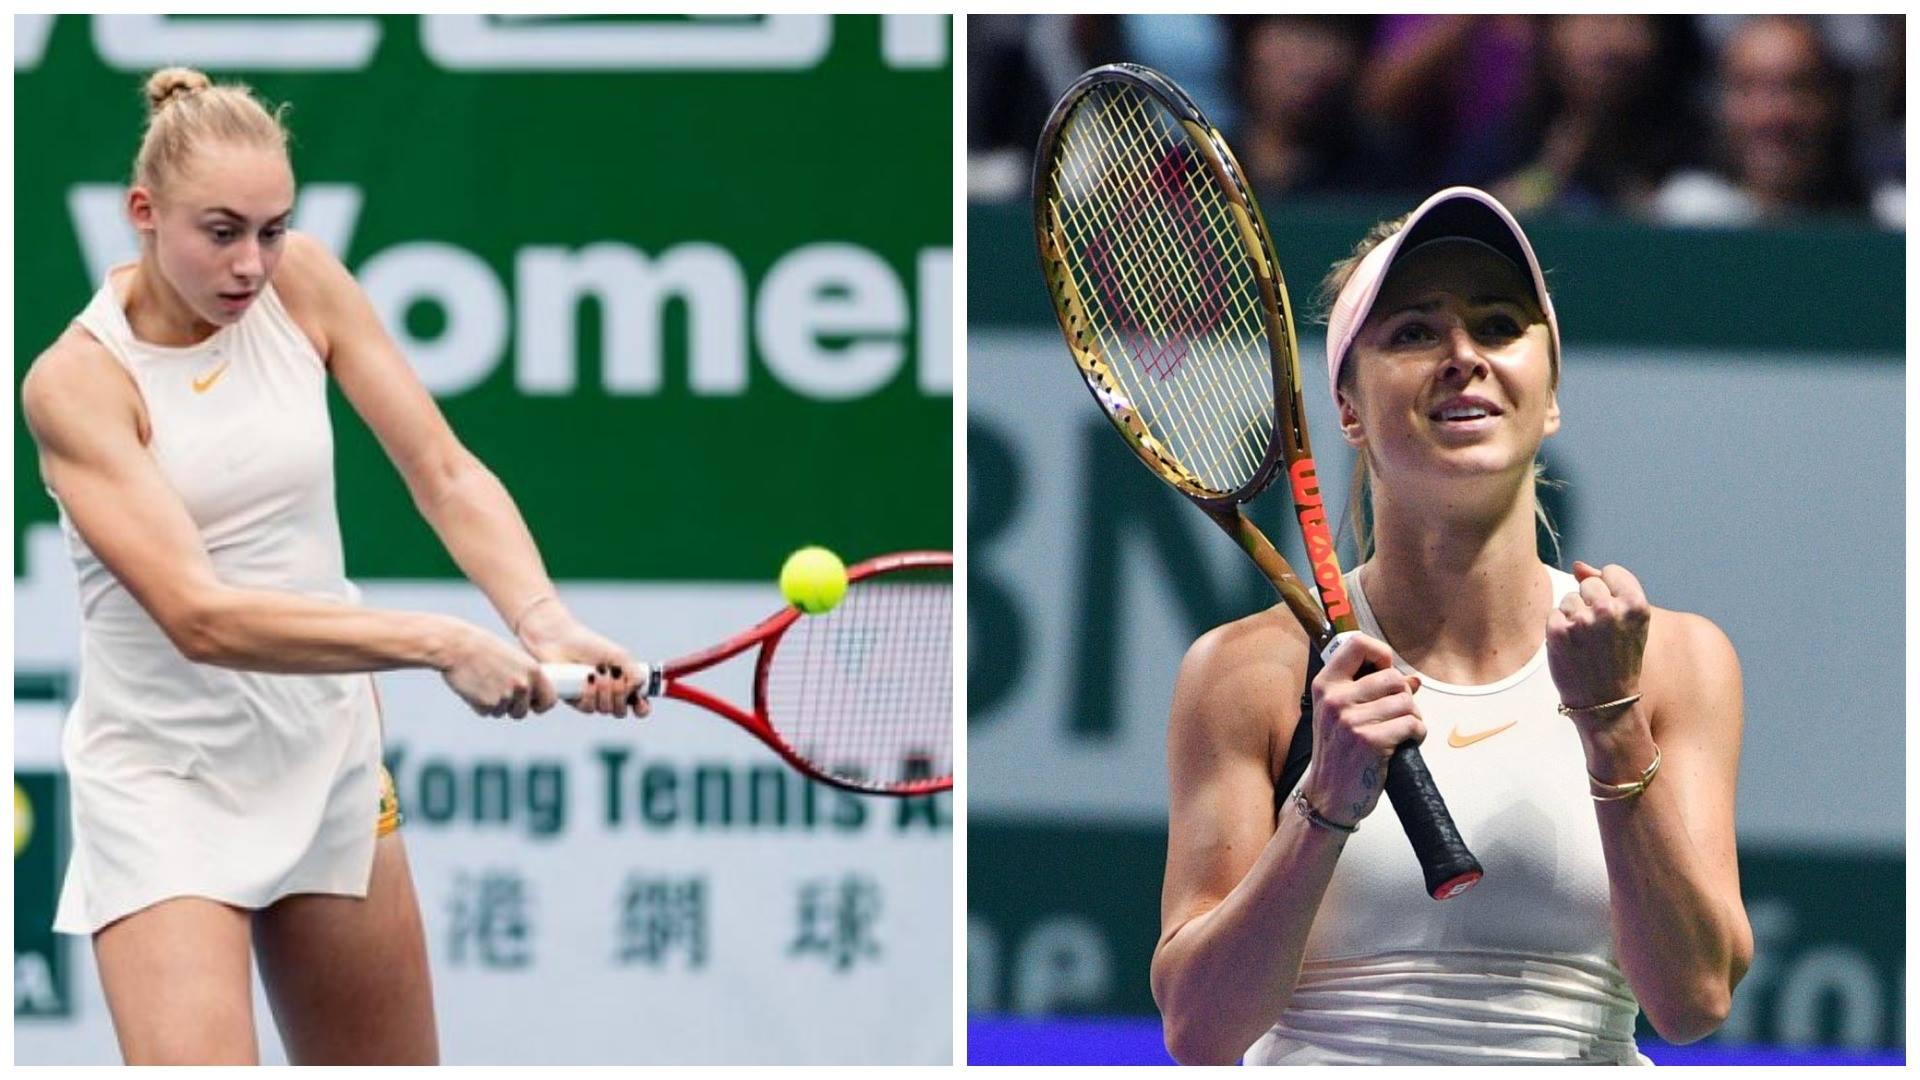 Харьковская теннисистка улучшила свои позиции в мировом рейтинге